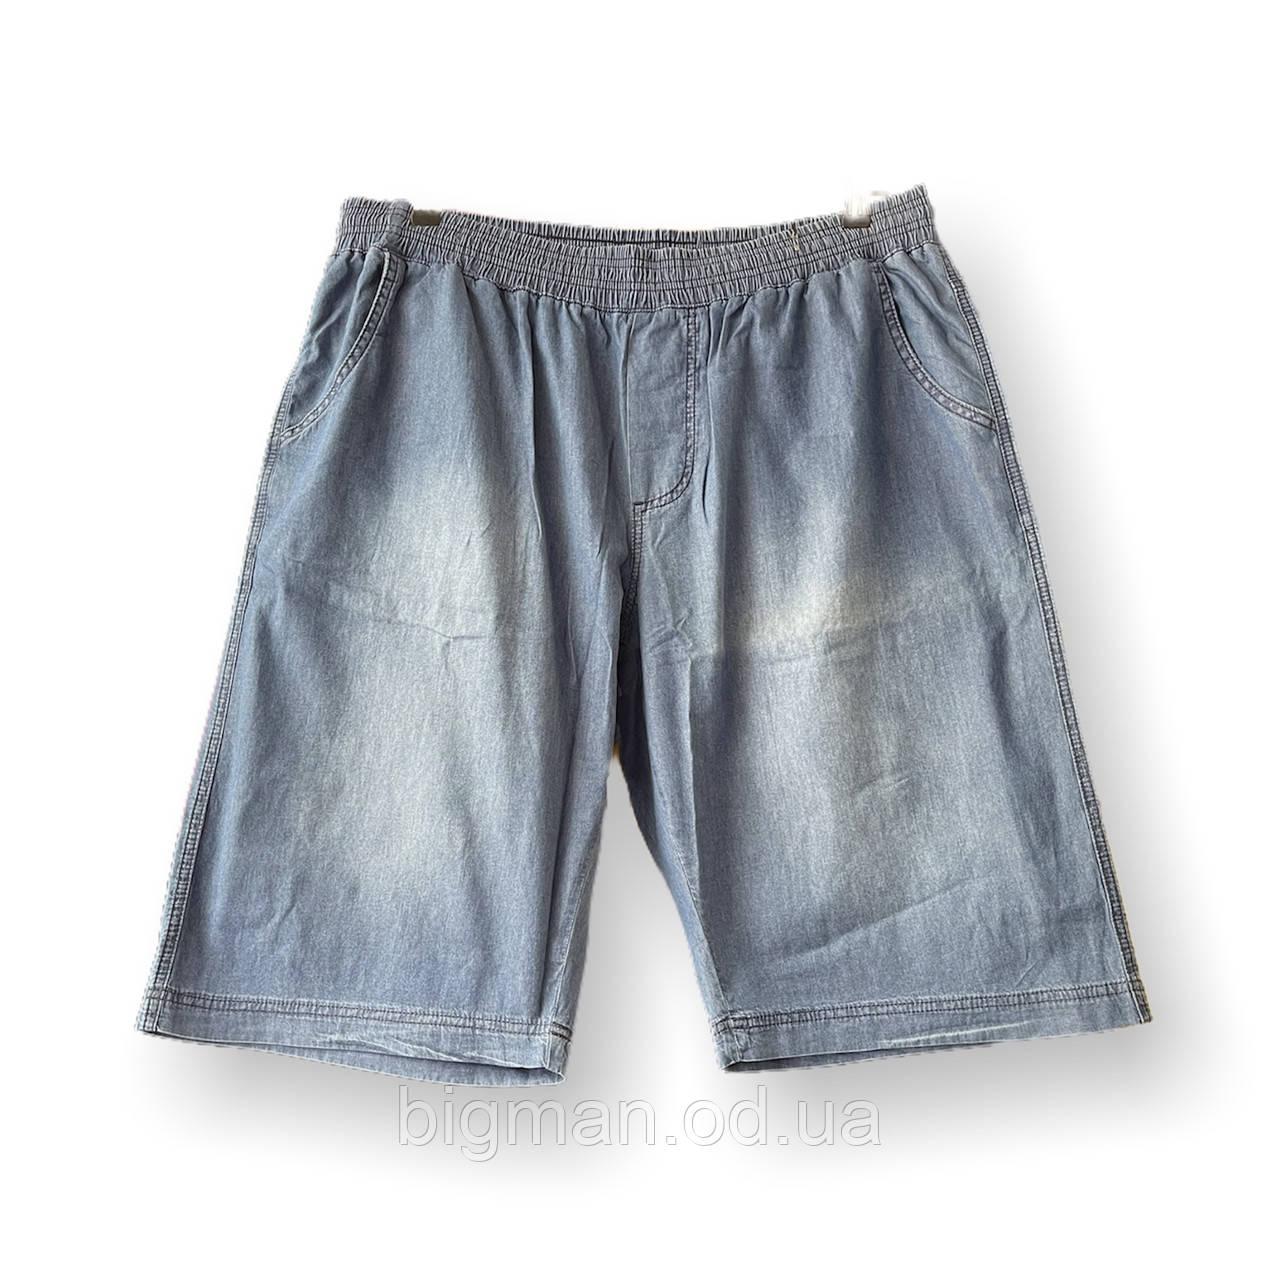 Мужские джинсовые шорты Olser 17036 6-13XL синие большие размеры батал Турция